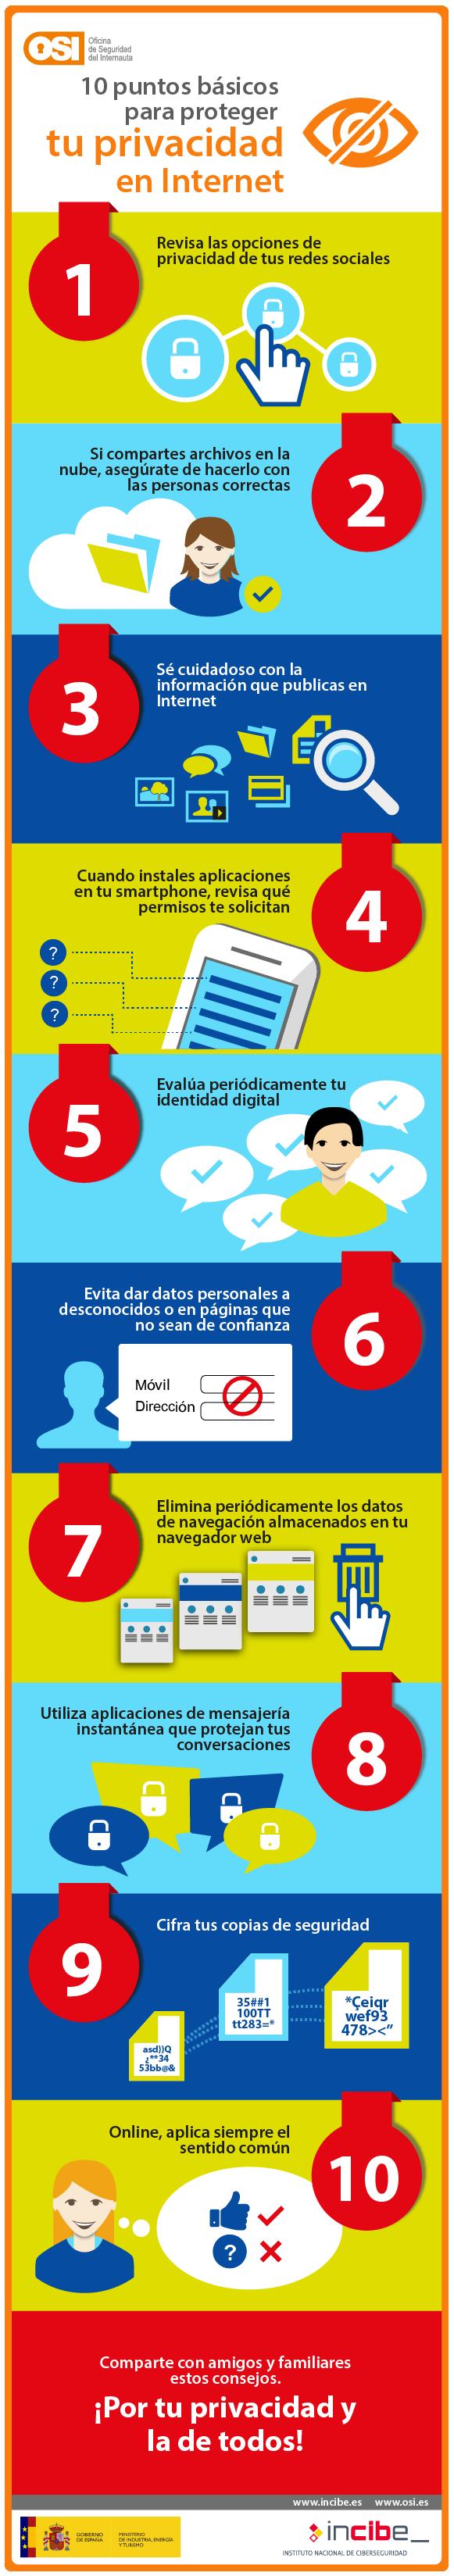 10 Puntos Básicos Para Proteger Tu Seguridad En Internet Infografia Infographic Tics Y Formación Seguridad En Internet Tecnologias De La Informacion Y Comunicacion Seguridad De Internet